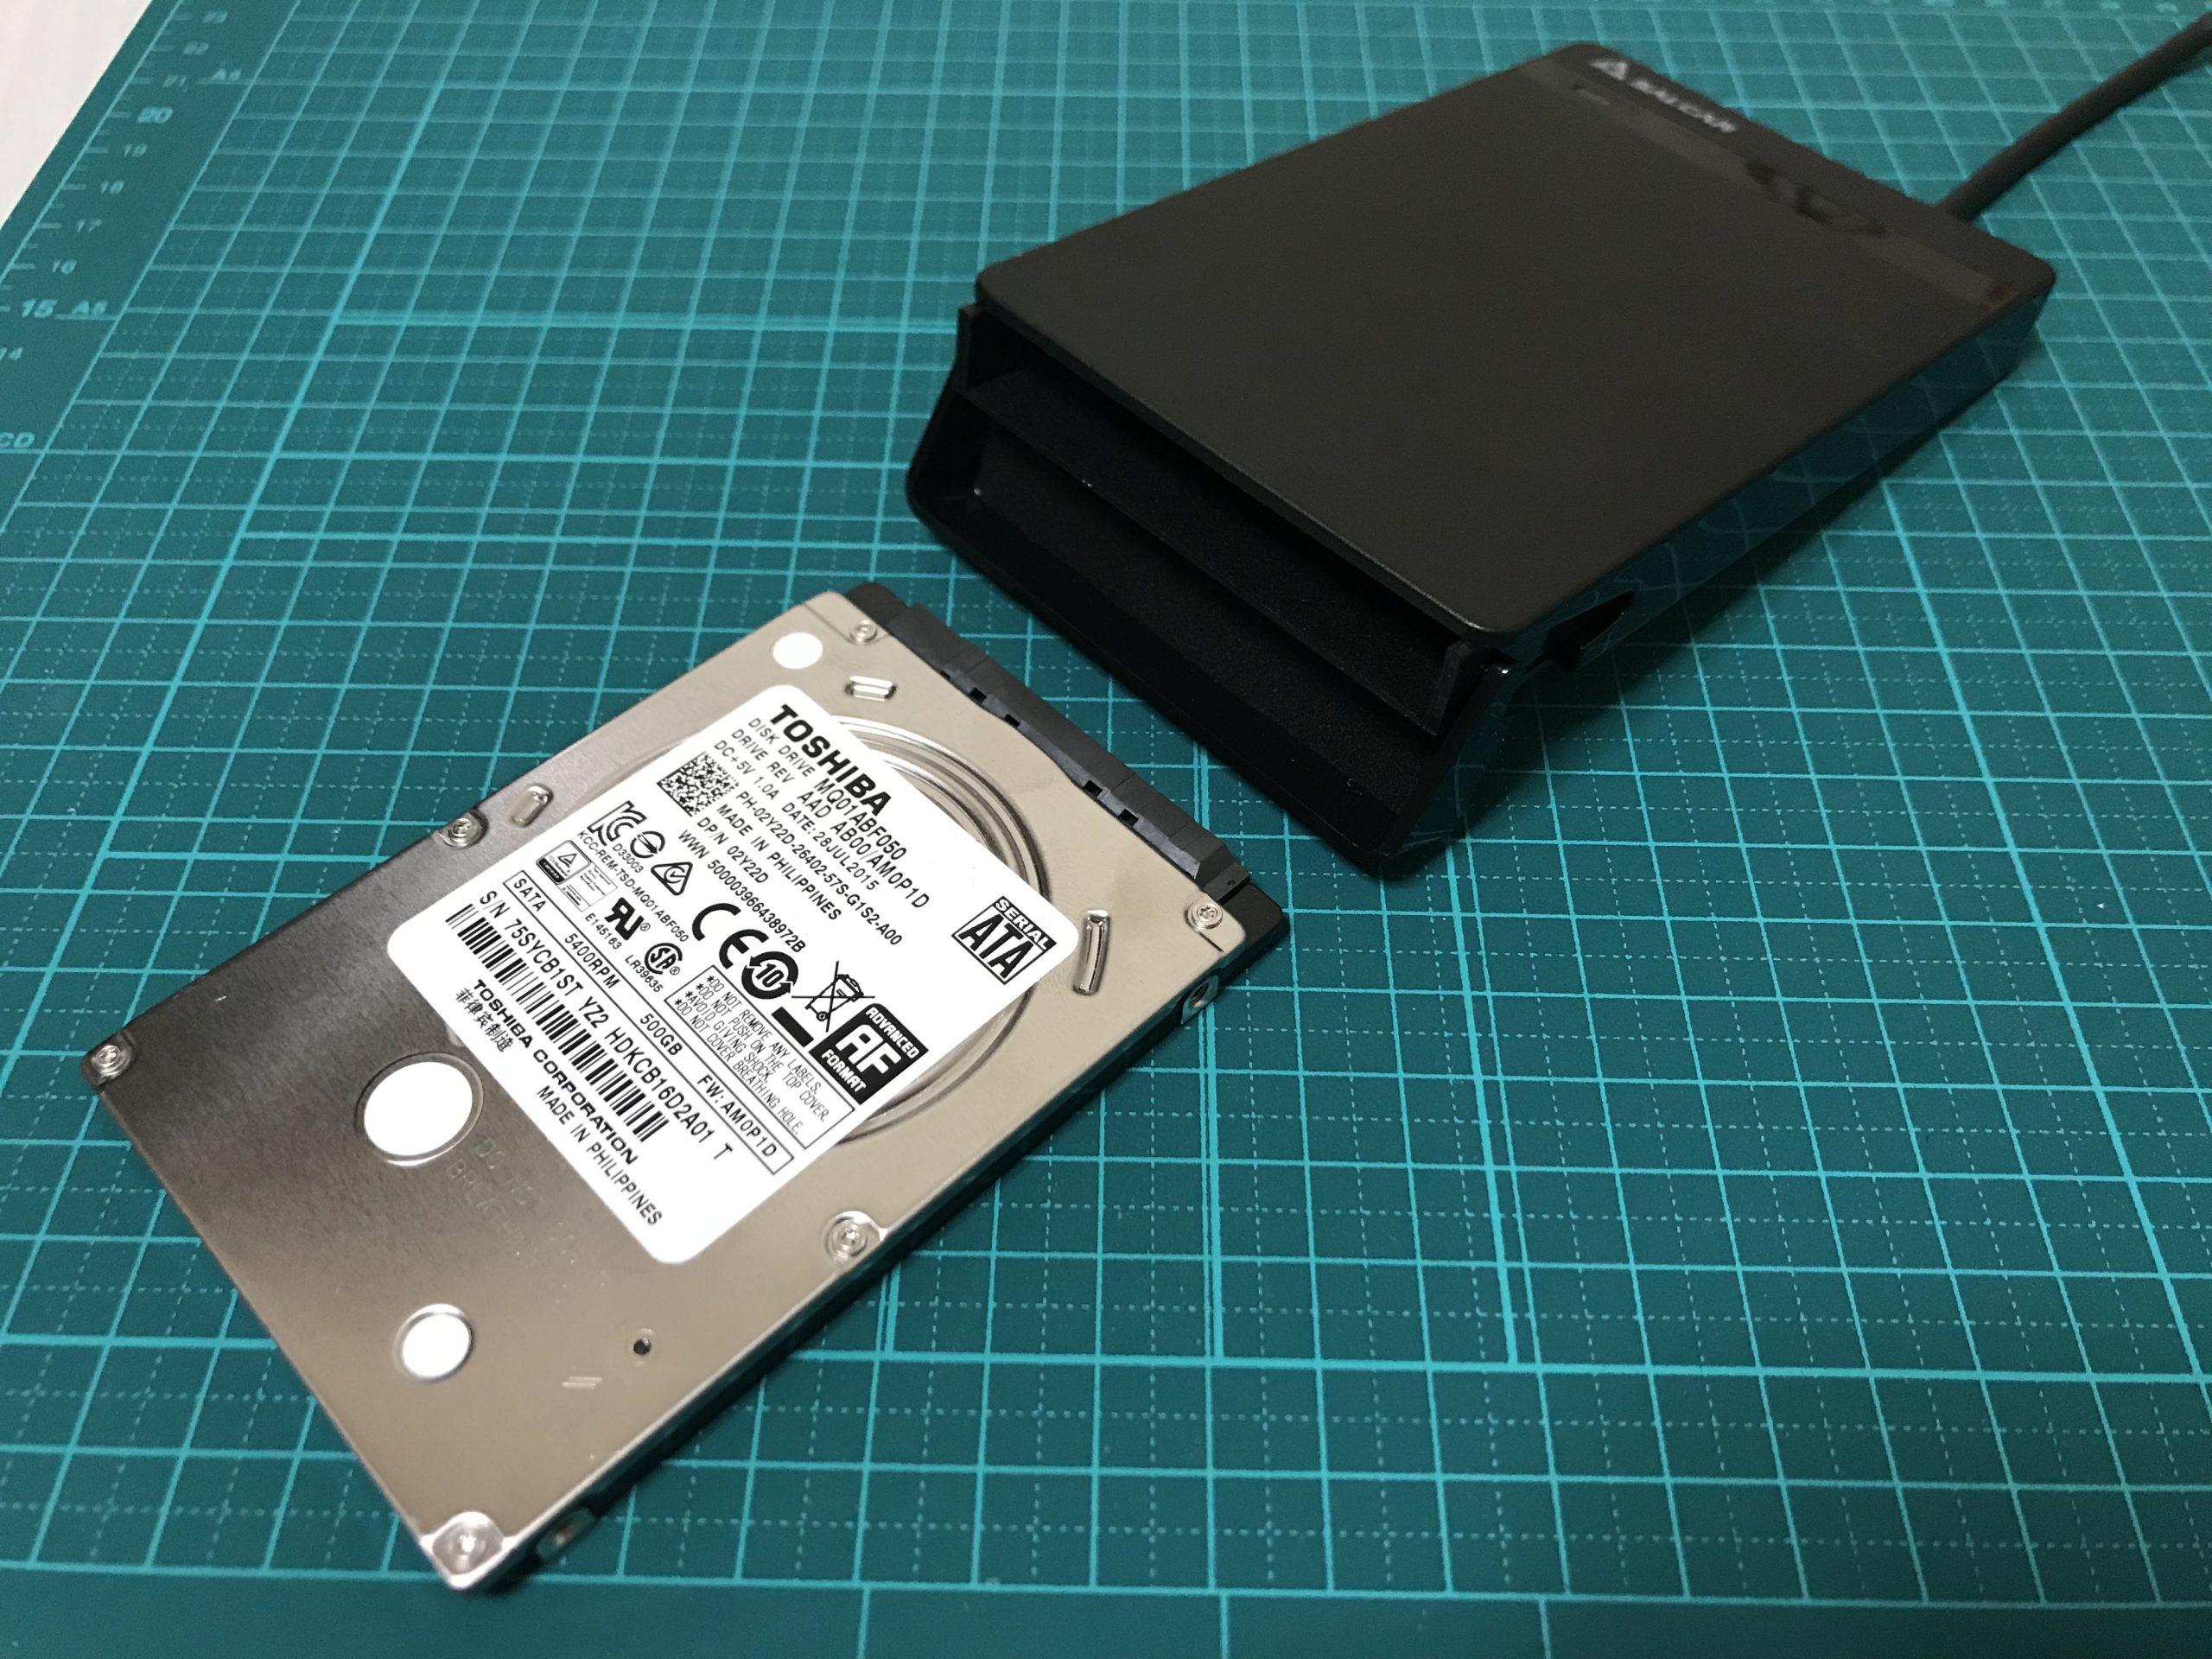 dellノートパソコンの内臓HDDをバックアップ用として利用する